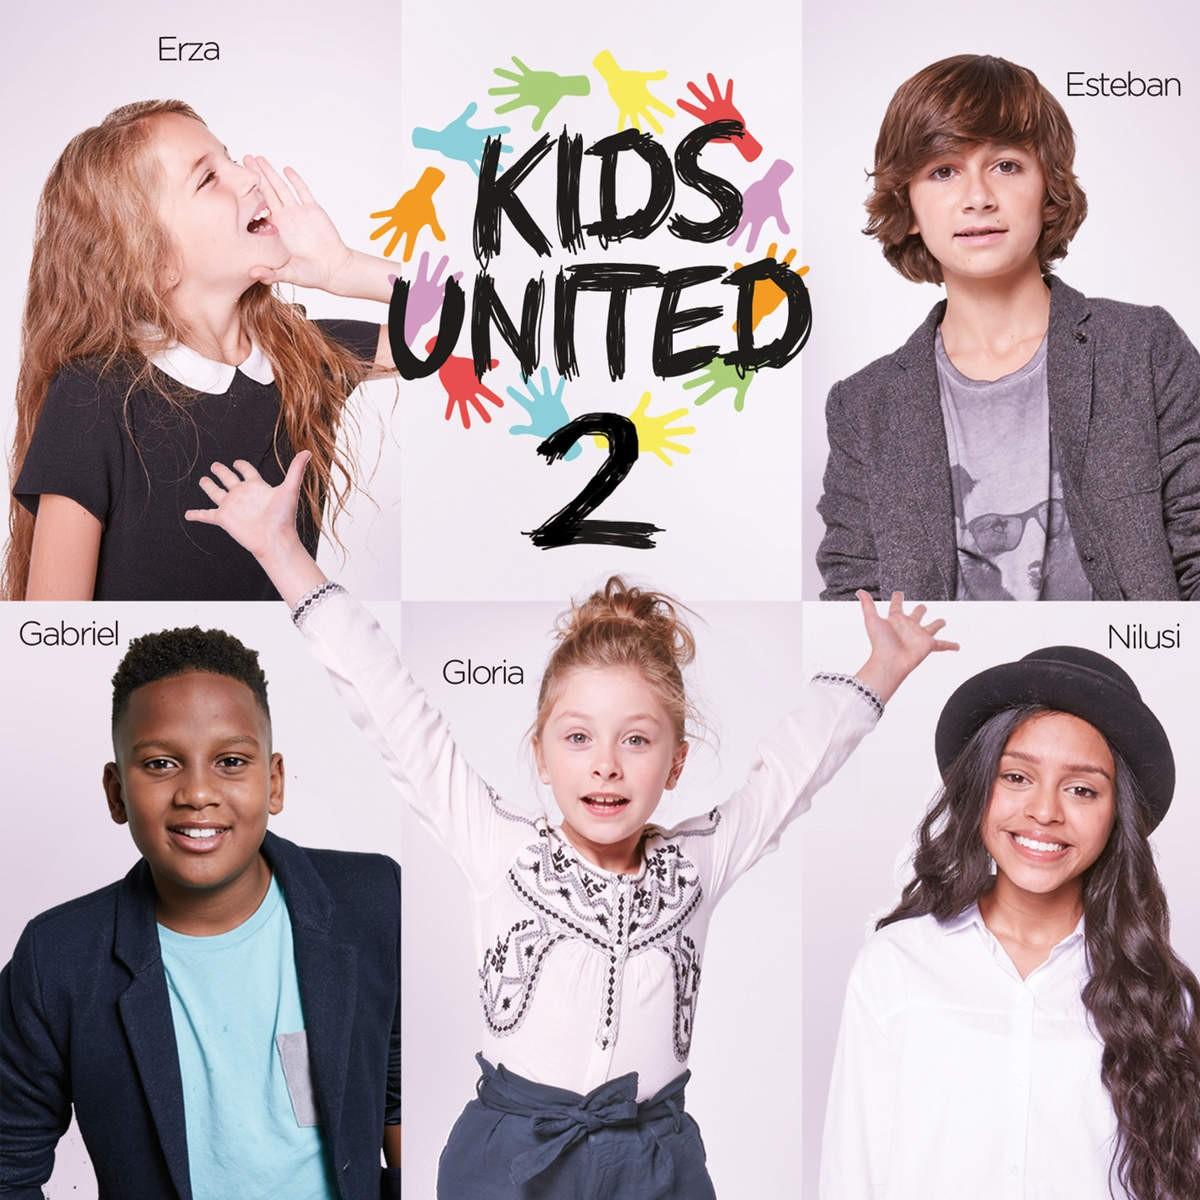 Quel membre du groupe Kids United es-tu ?